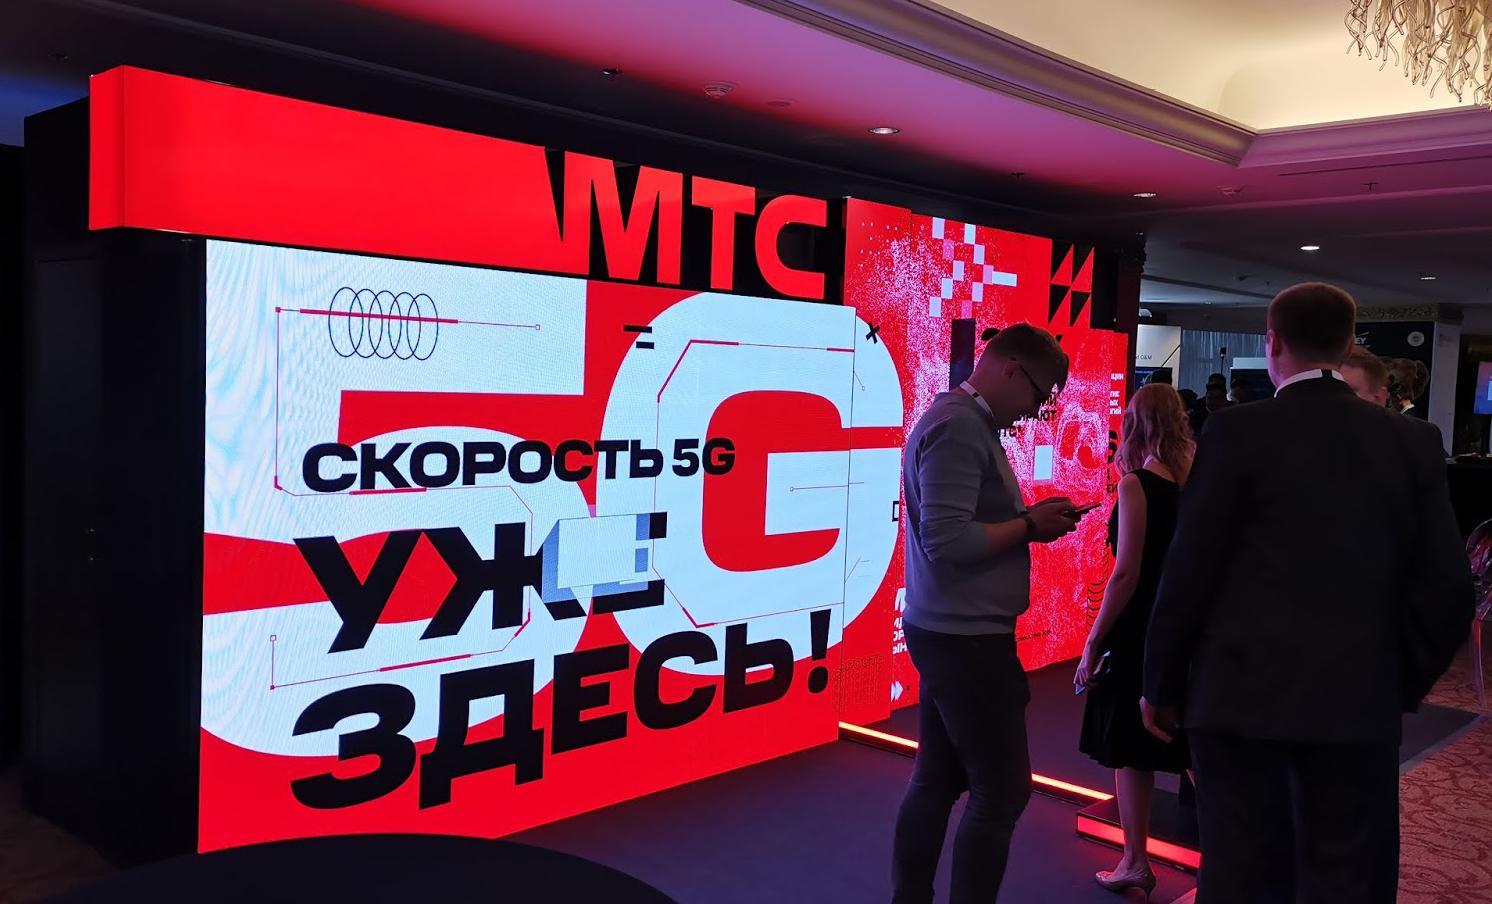 МТС, Qualcomm и Ericsson разогнали смартфон Motorola до рекордных в России и Европе 4 Гбит/сек 1